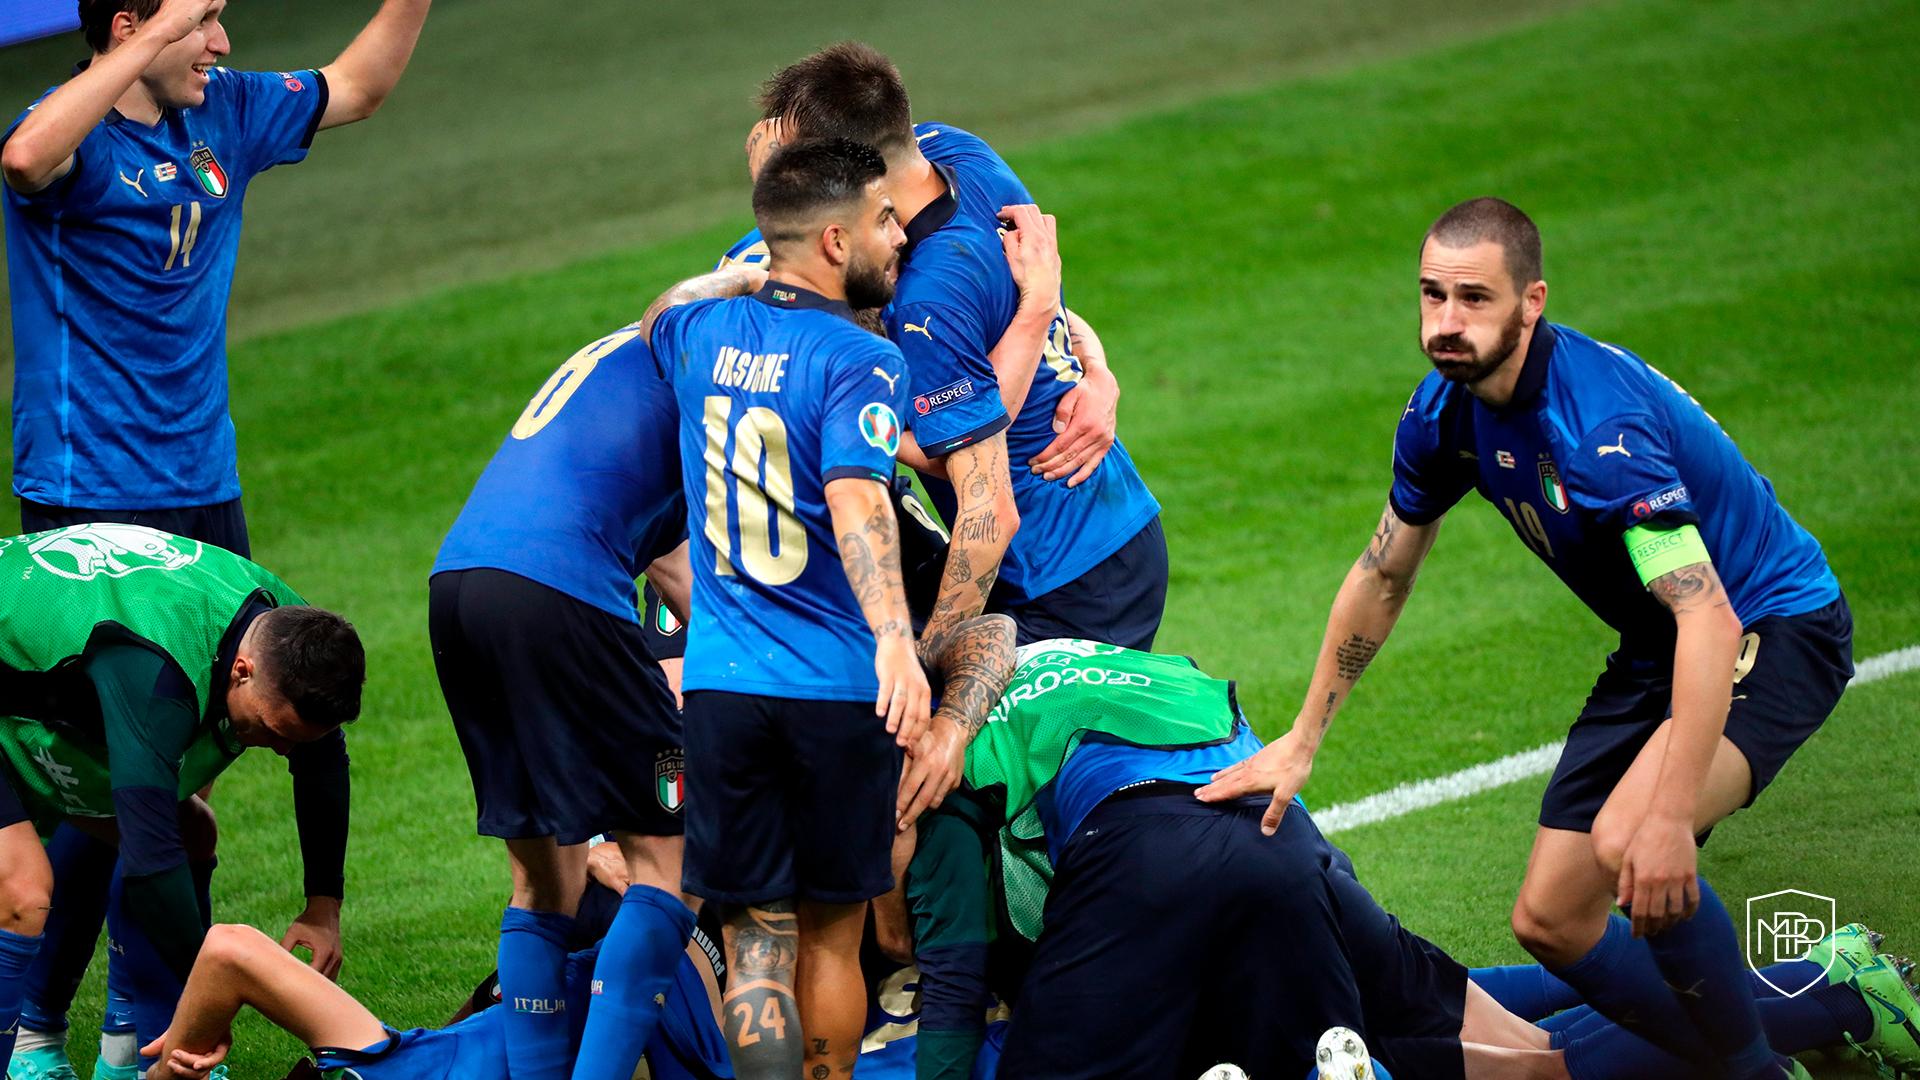 En este momento estás viendo FINAL EUROCOPA 2021: ANÁLISIS POST-PARTIDO ITALIA VS INGLATERRA